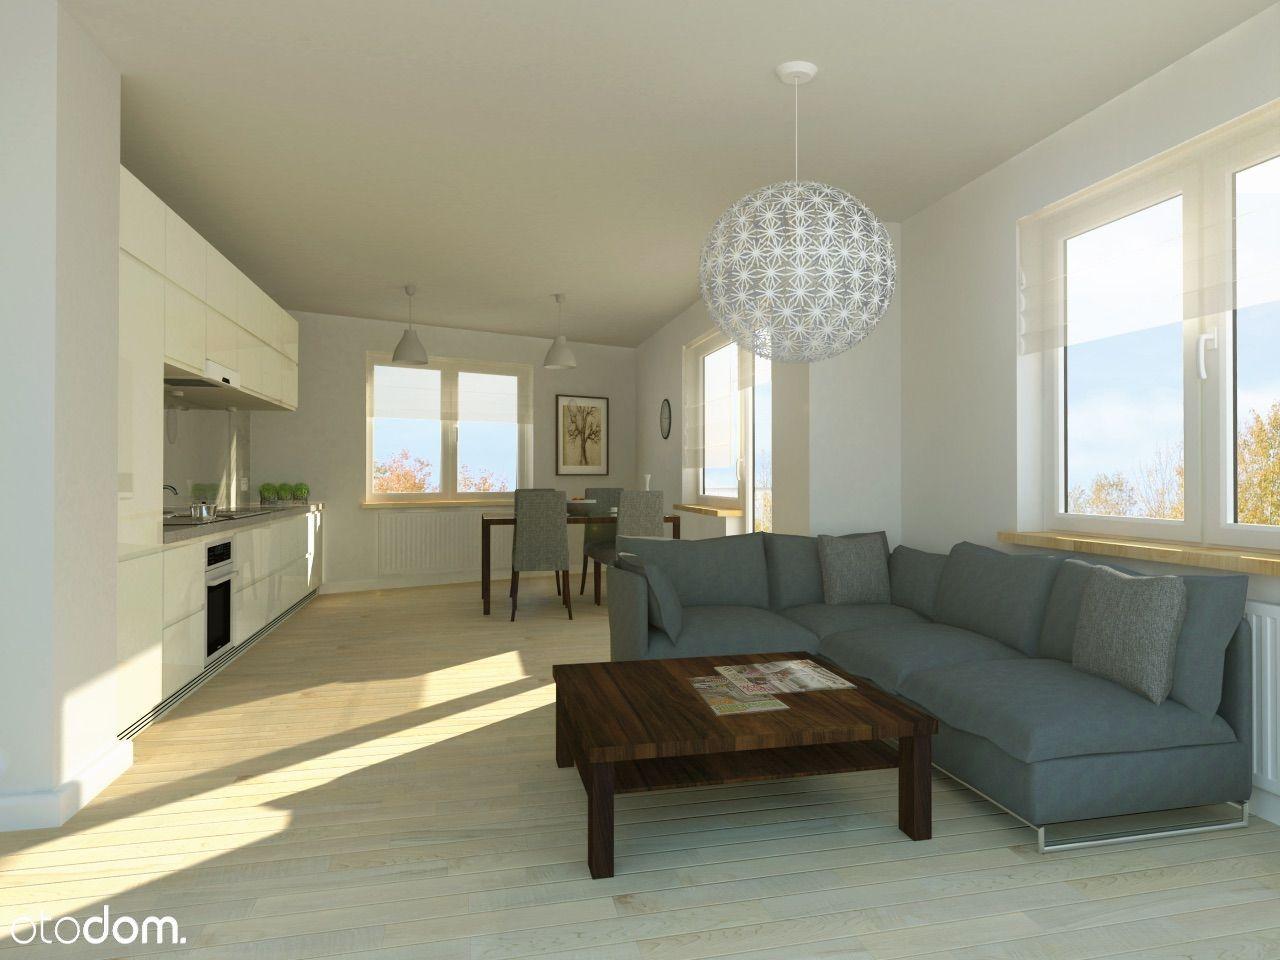 Mieszkanie na sprzedaż, Rumia, wejherowski, pomorskie - Foto 1003